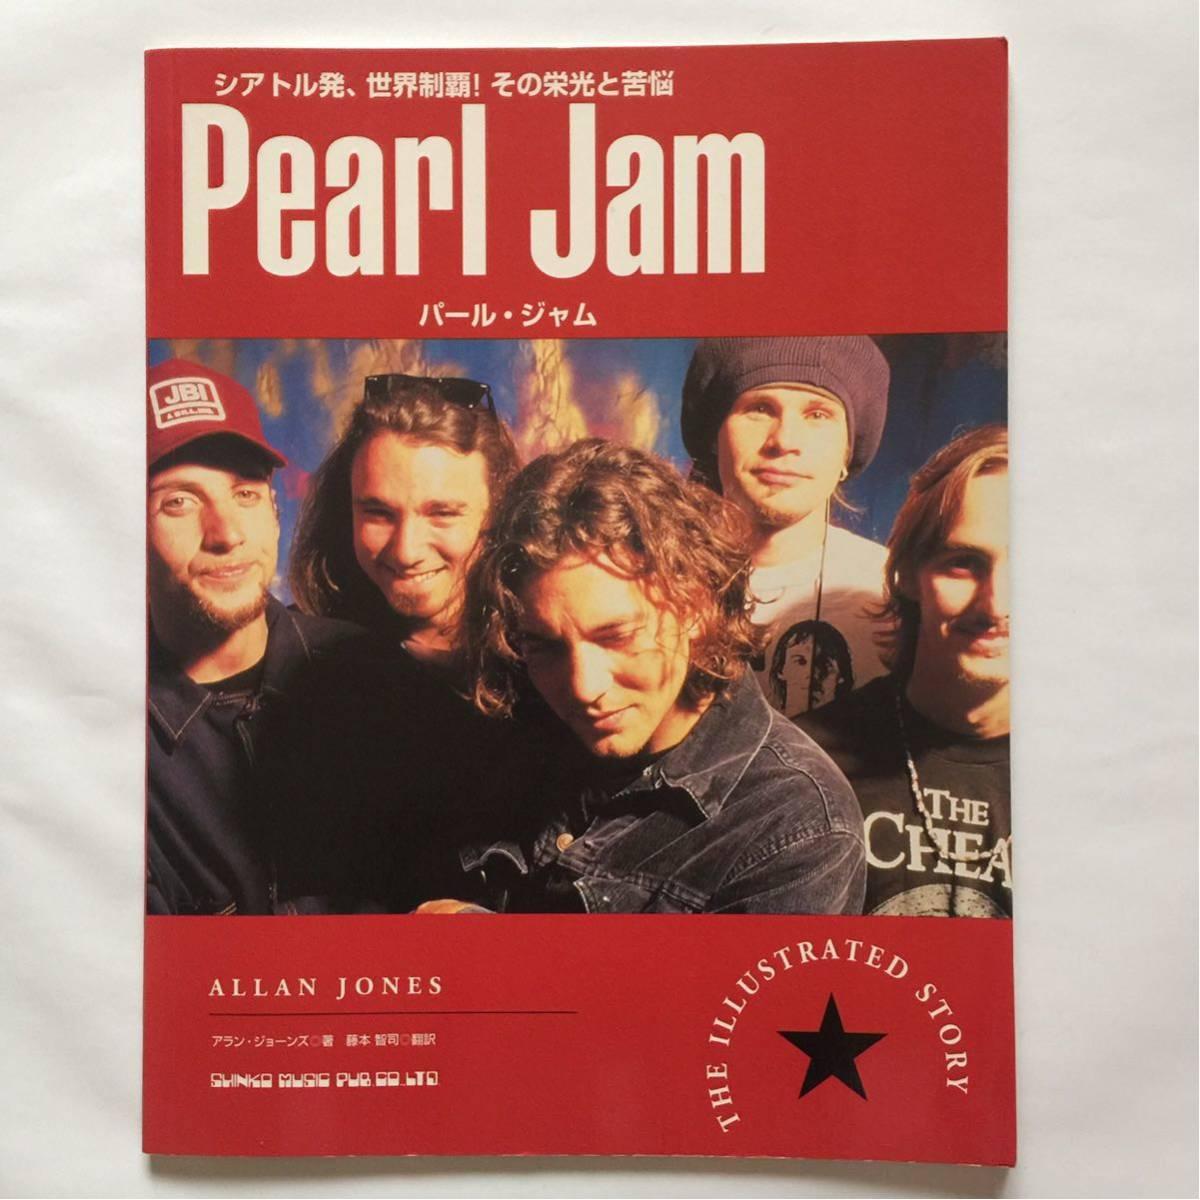 【絶版・貴重・初版】Pearl Jam/ パールジャム The Illustrated Story/シアトル発、世界制覇!その栄光と苦悩 1996年 本 日本語 当時物_画像1